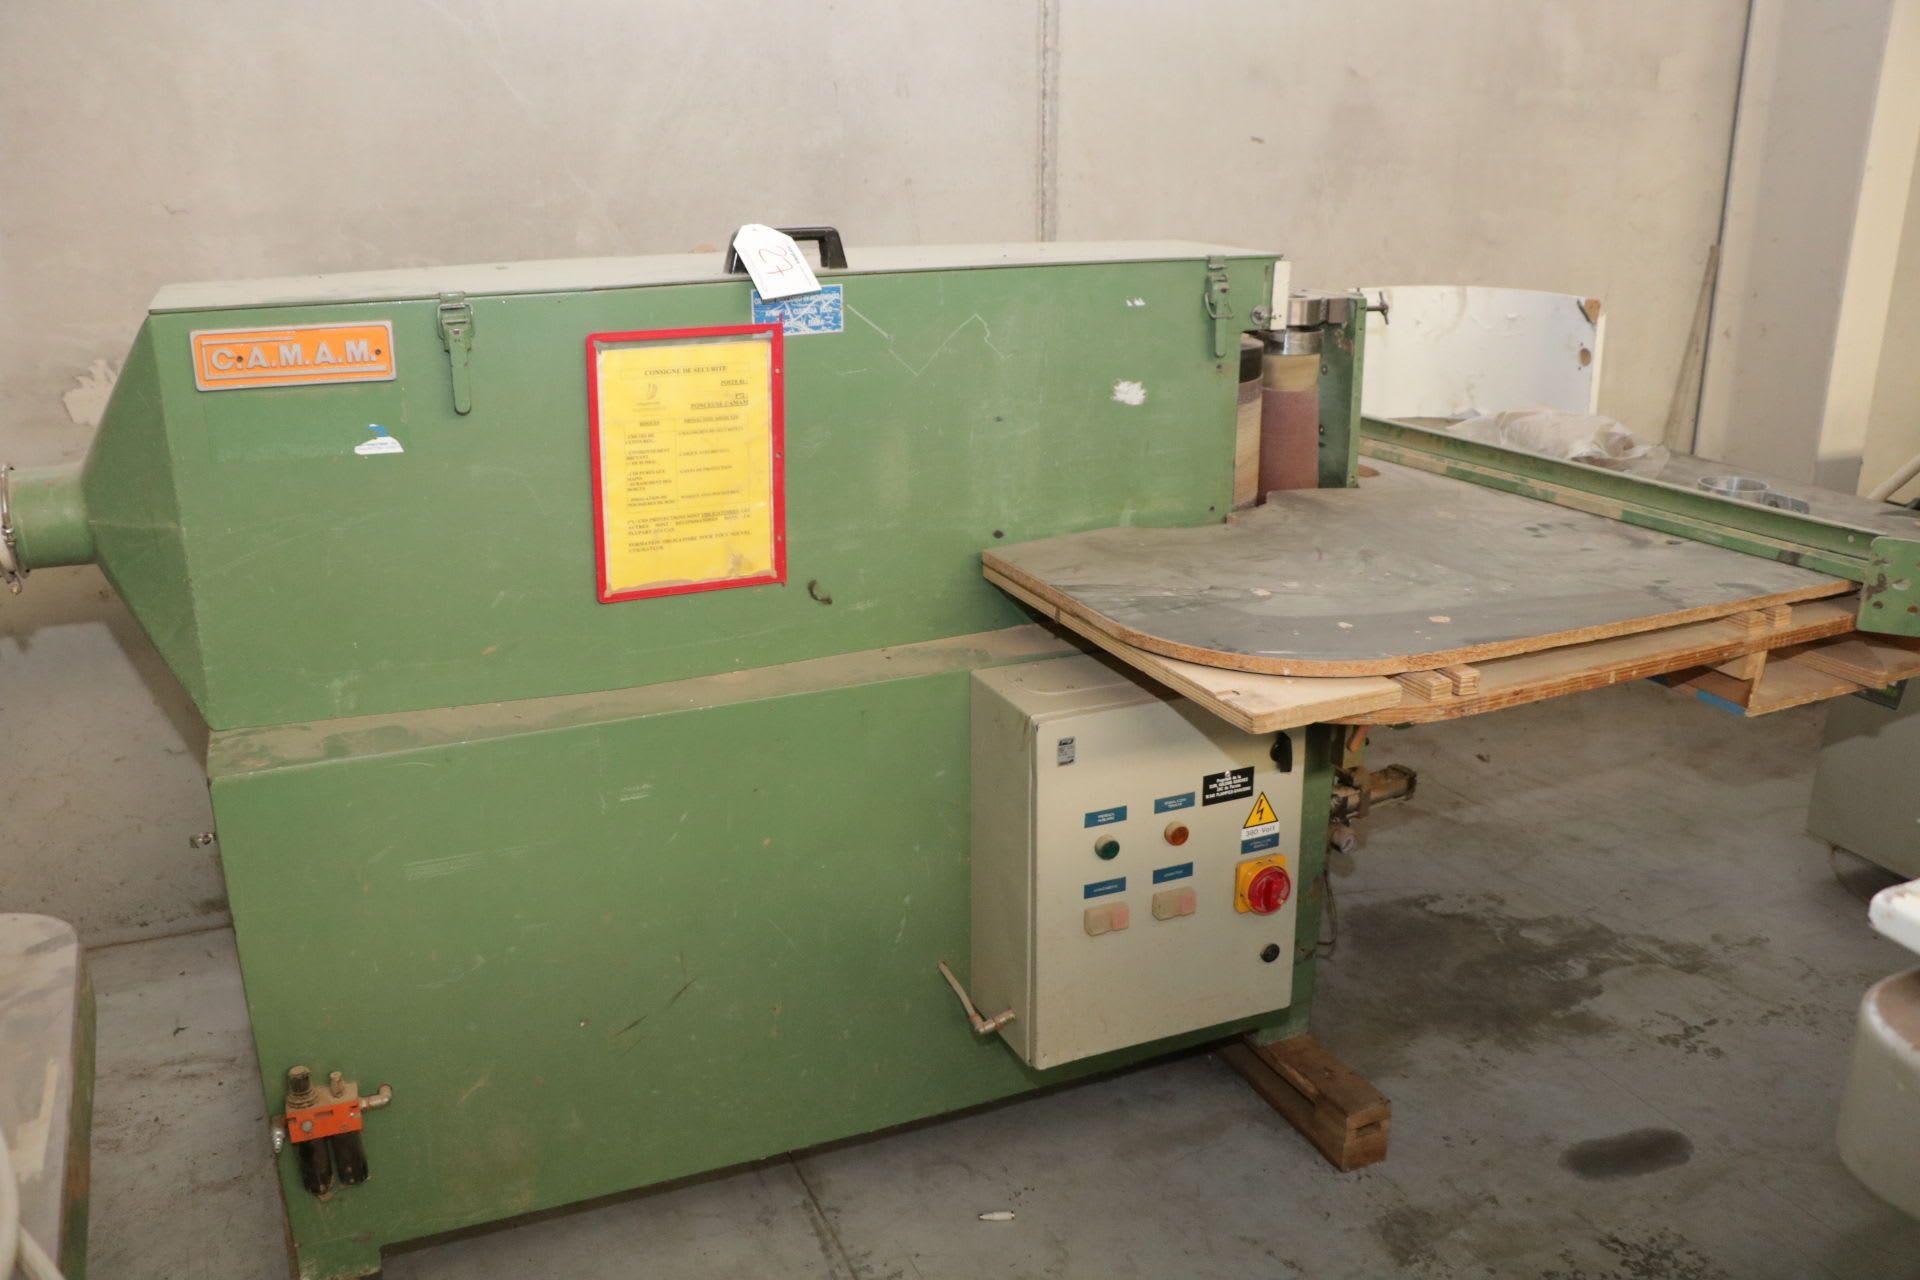 CAMAM LVL 10 AV Langschleifmaschine